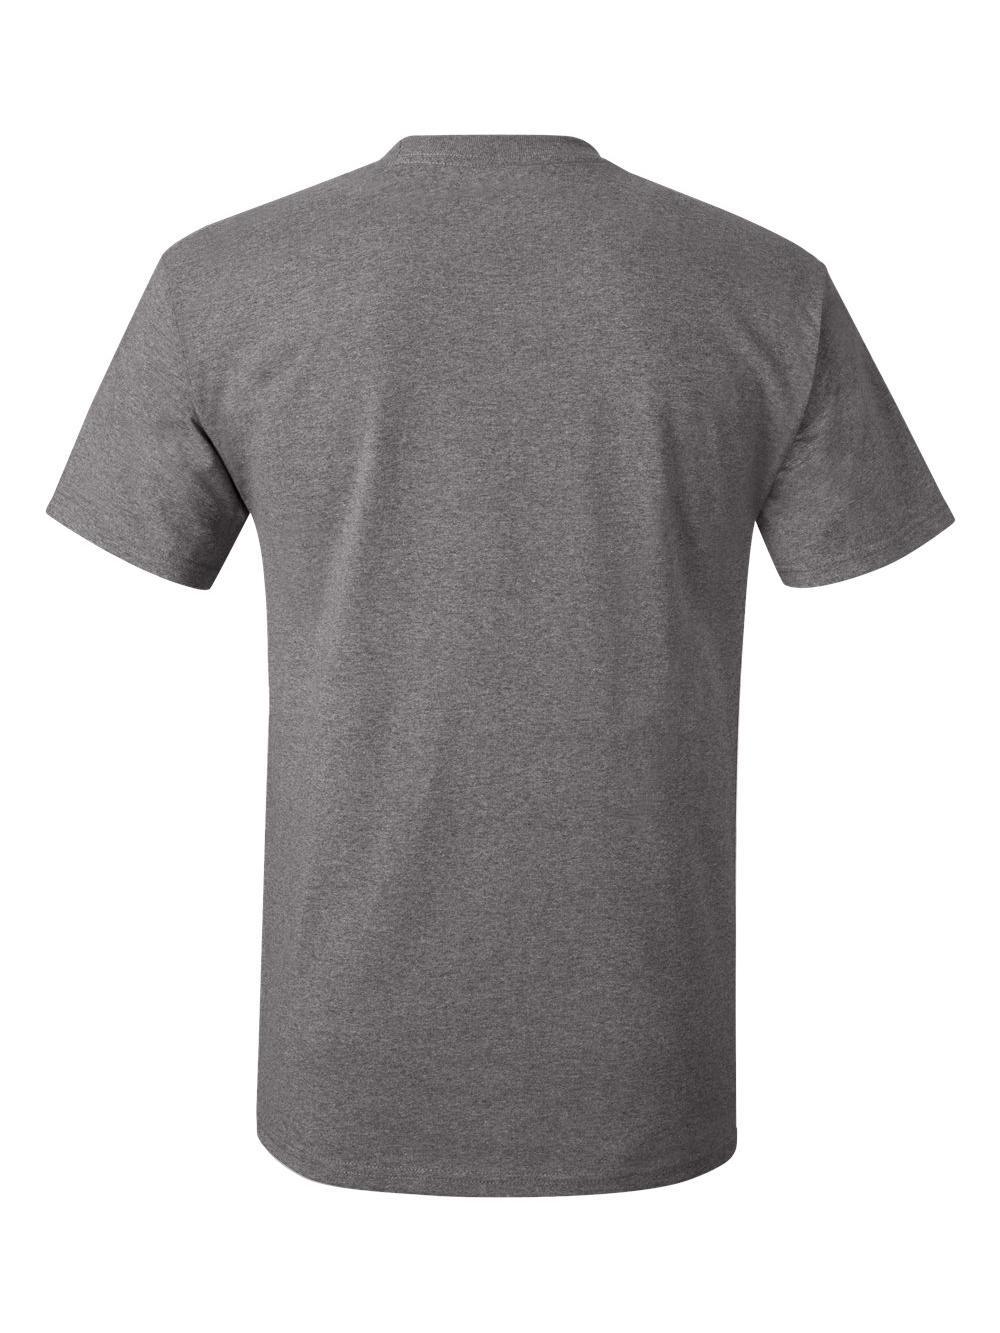 Hanes-Tagless-T-Shirt-5250 thumbnail 25